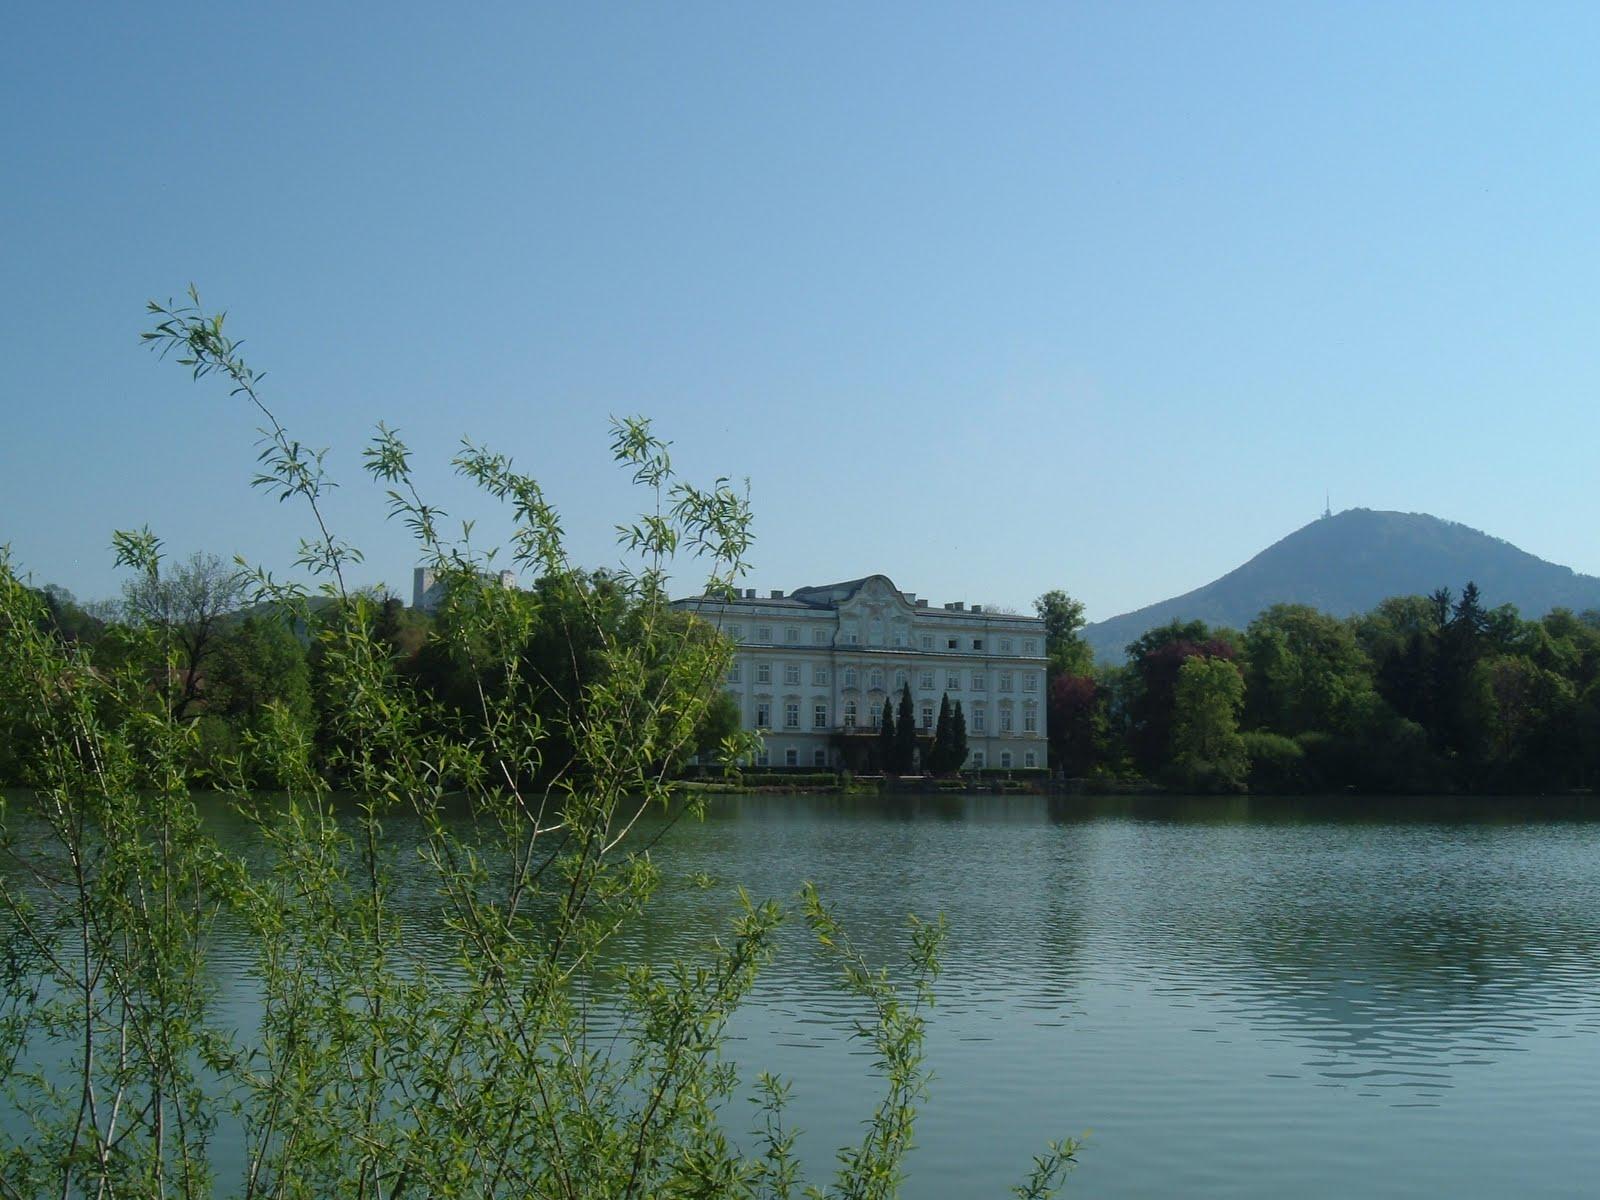 Von Trapp Villa